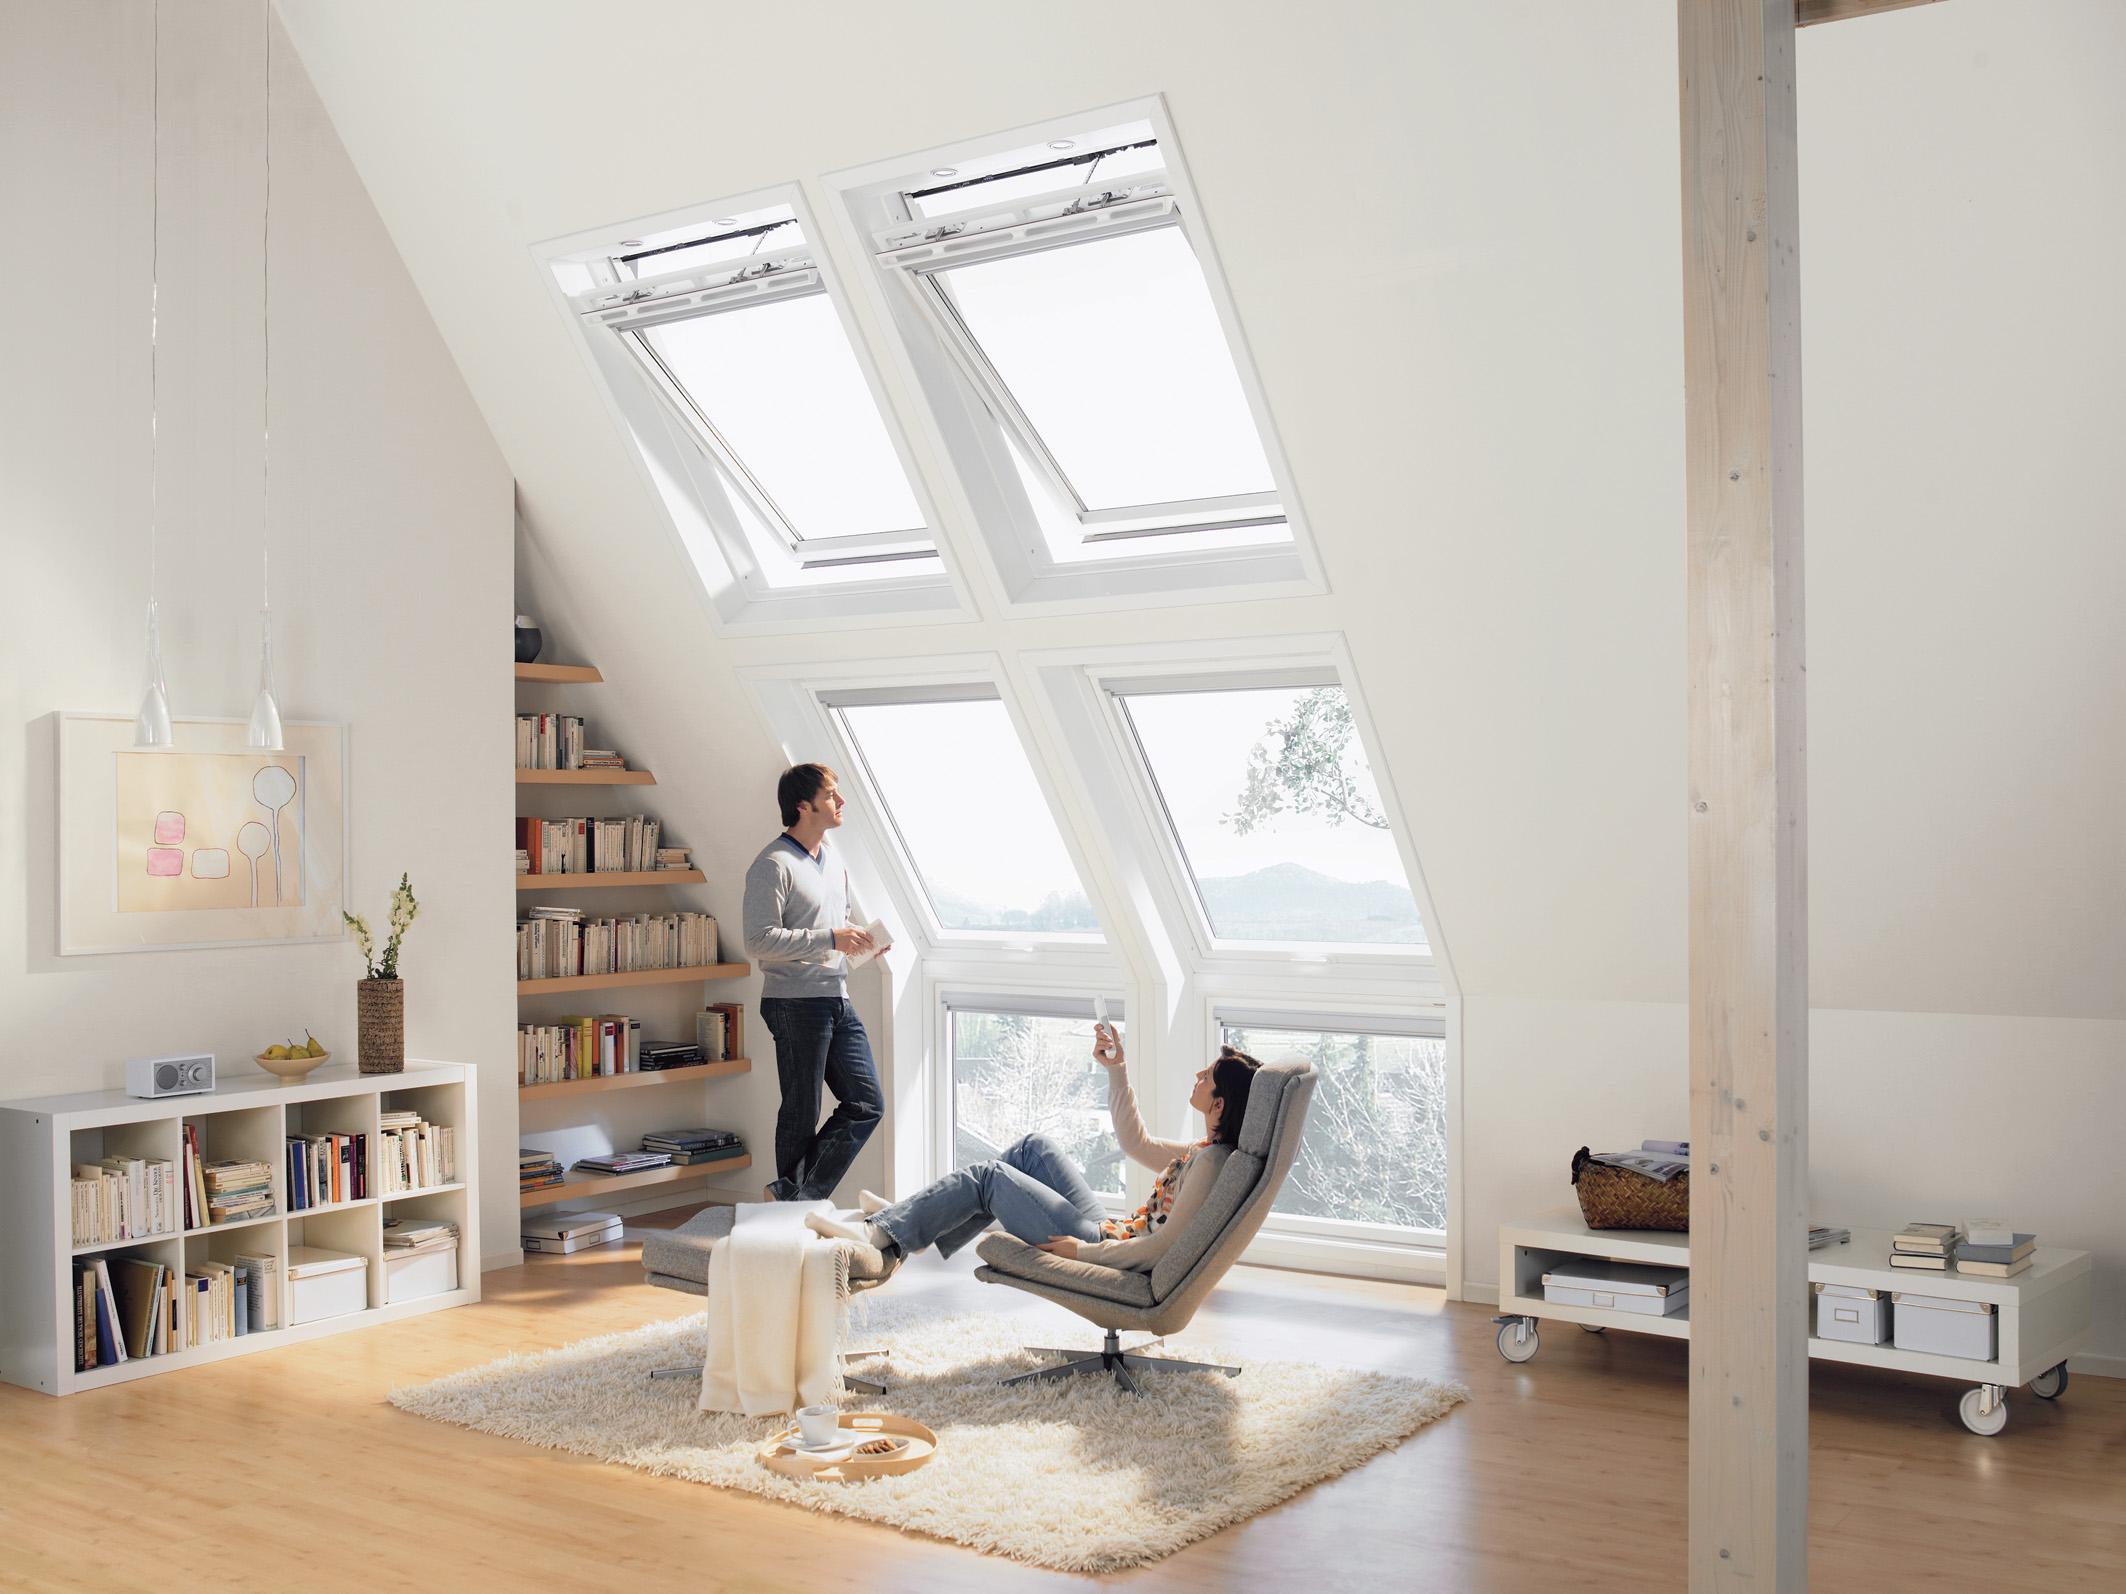 Dachfenster machen jede ehemalige Dunkelkammer zu einer echten Lichtoase. Foto: VFF/VELUX Deutschland GmbH